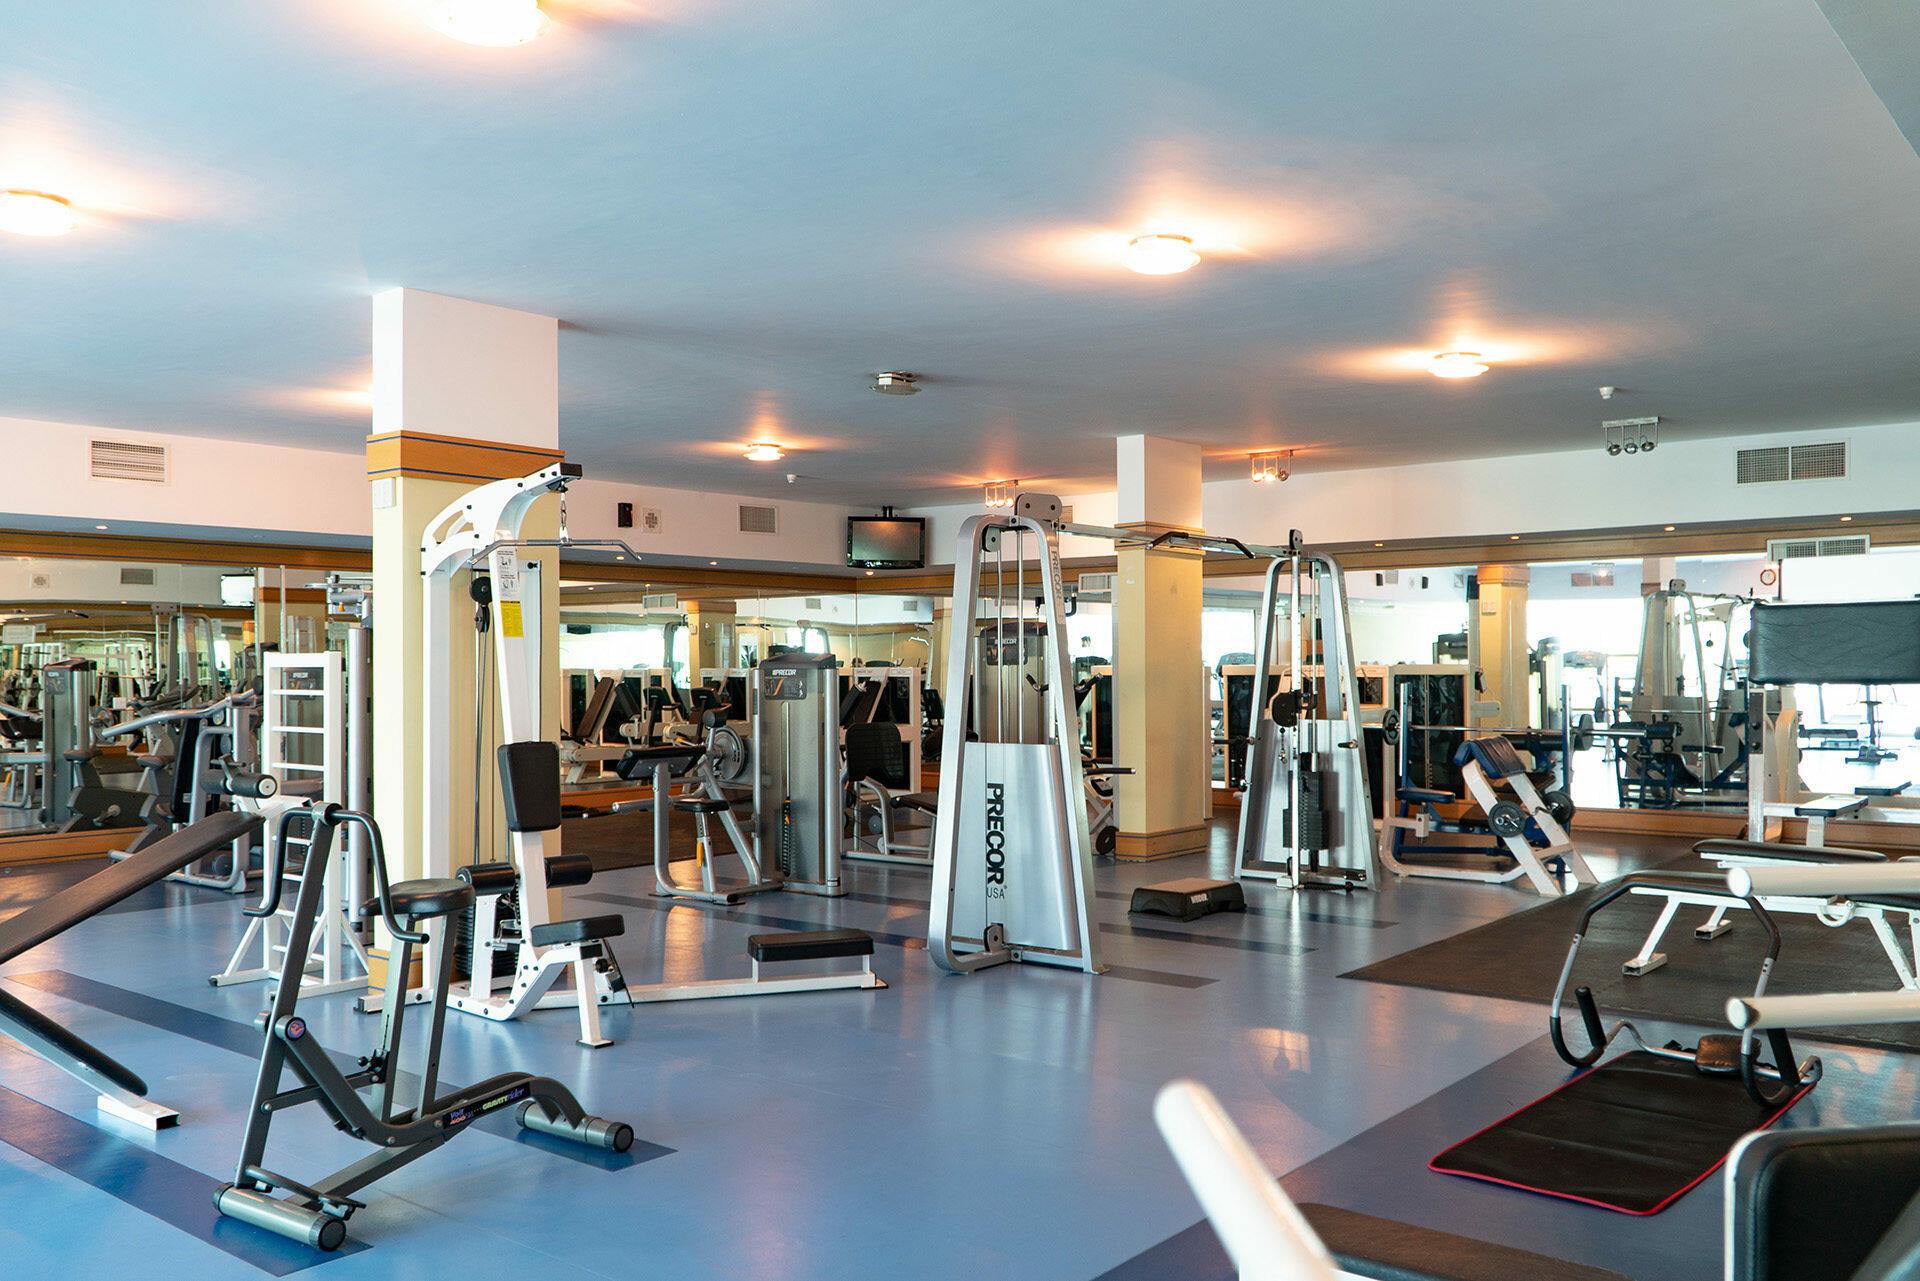 Spa in Abu Dhabi   Gym in Abu Dhabi   Al Ain Palace Hotel